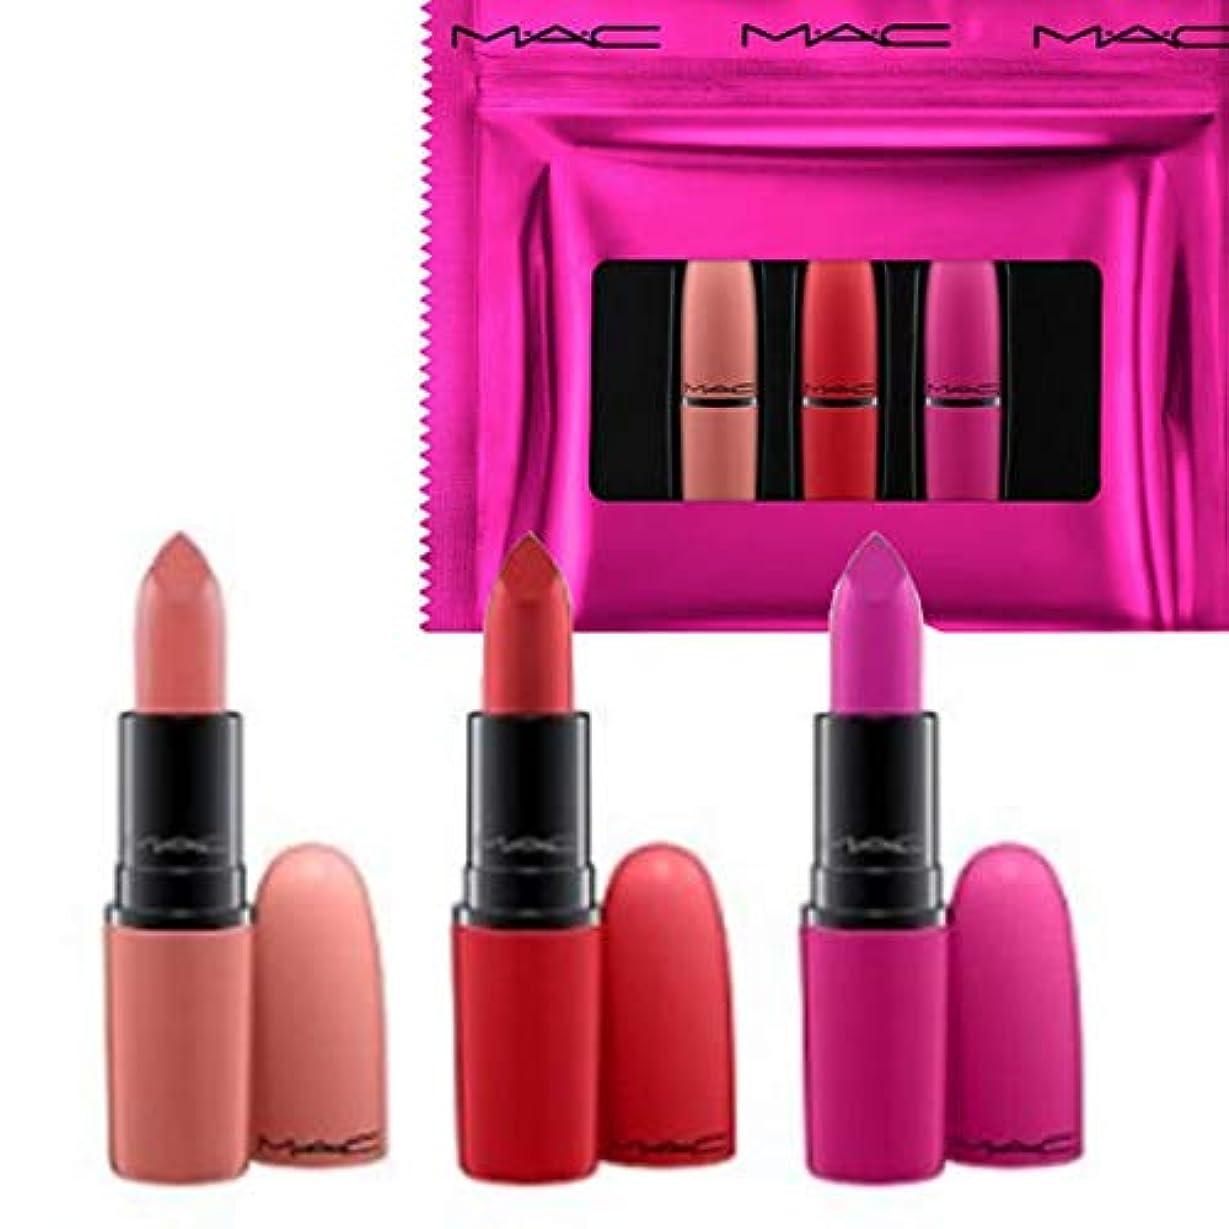 拘束接続詞選択M.A.C ?マック, Limited Edition 限定版, 3-Pc. Shiny Pretty Things Lip Set - Russian Red/Kinda Sexy/Flat Out Fabulous...